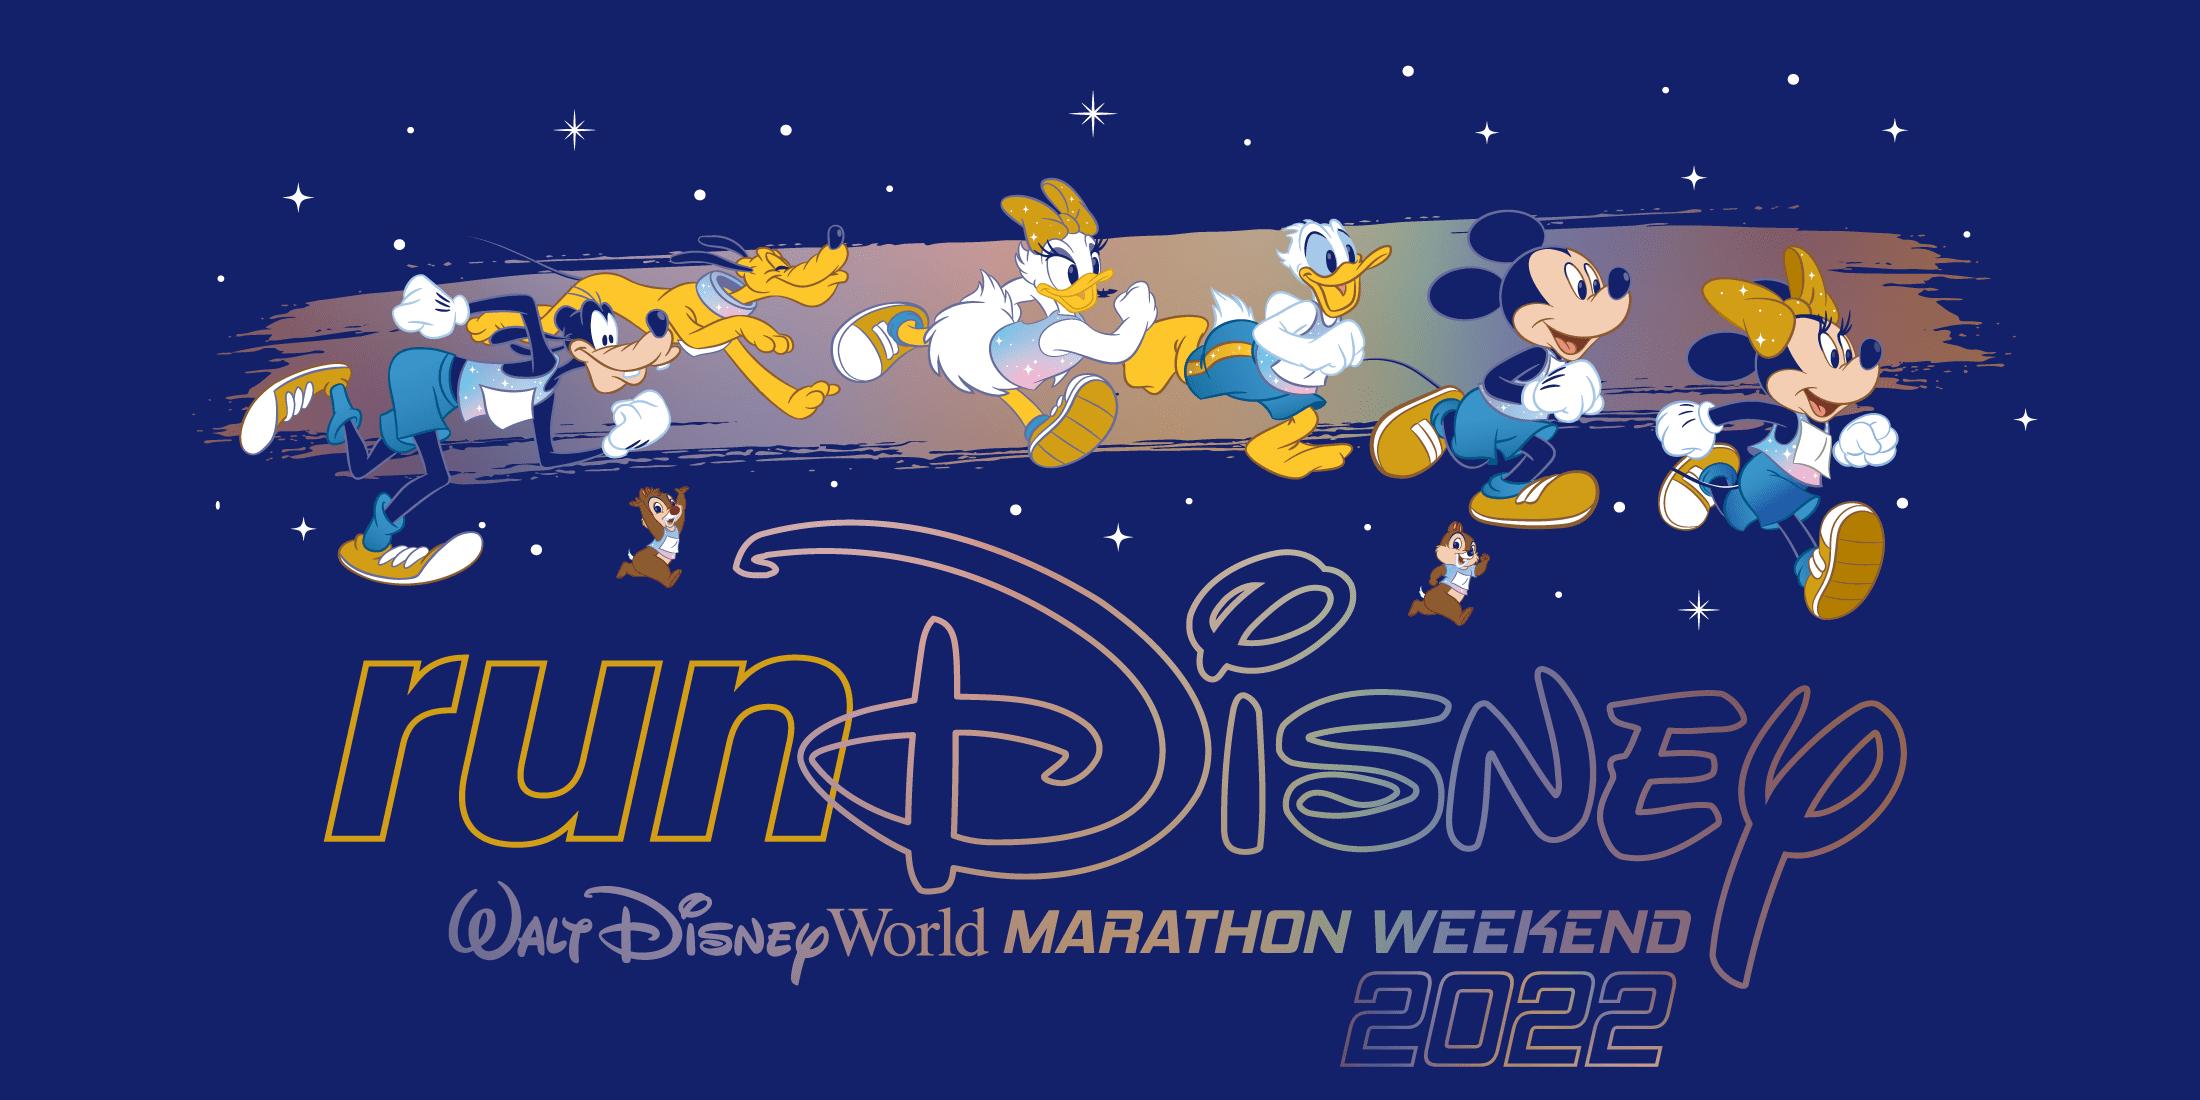 runDisney Marathon 2022 Weekend at Walt Disney World